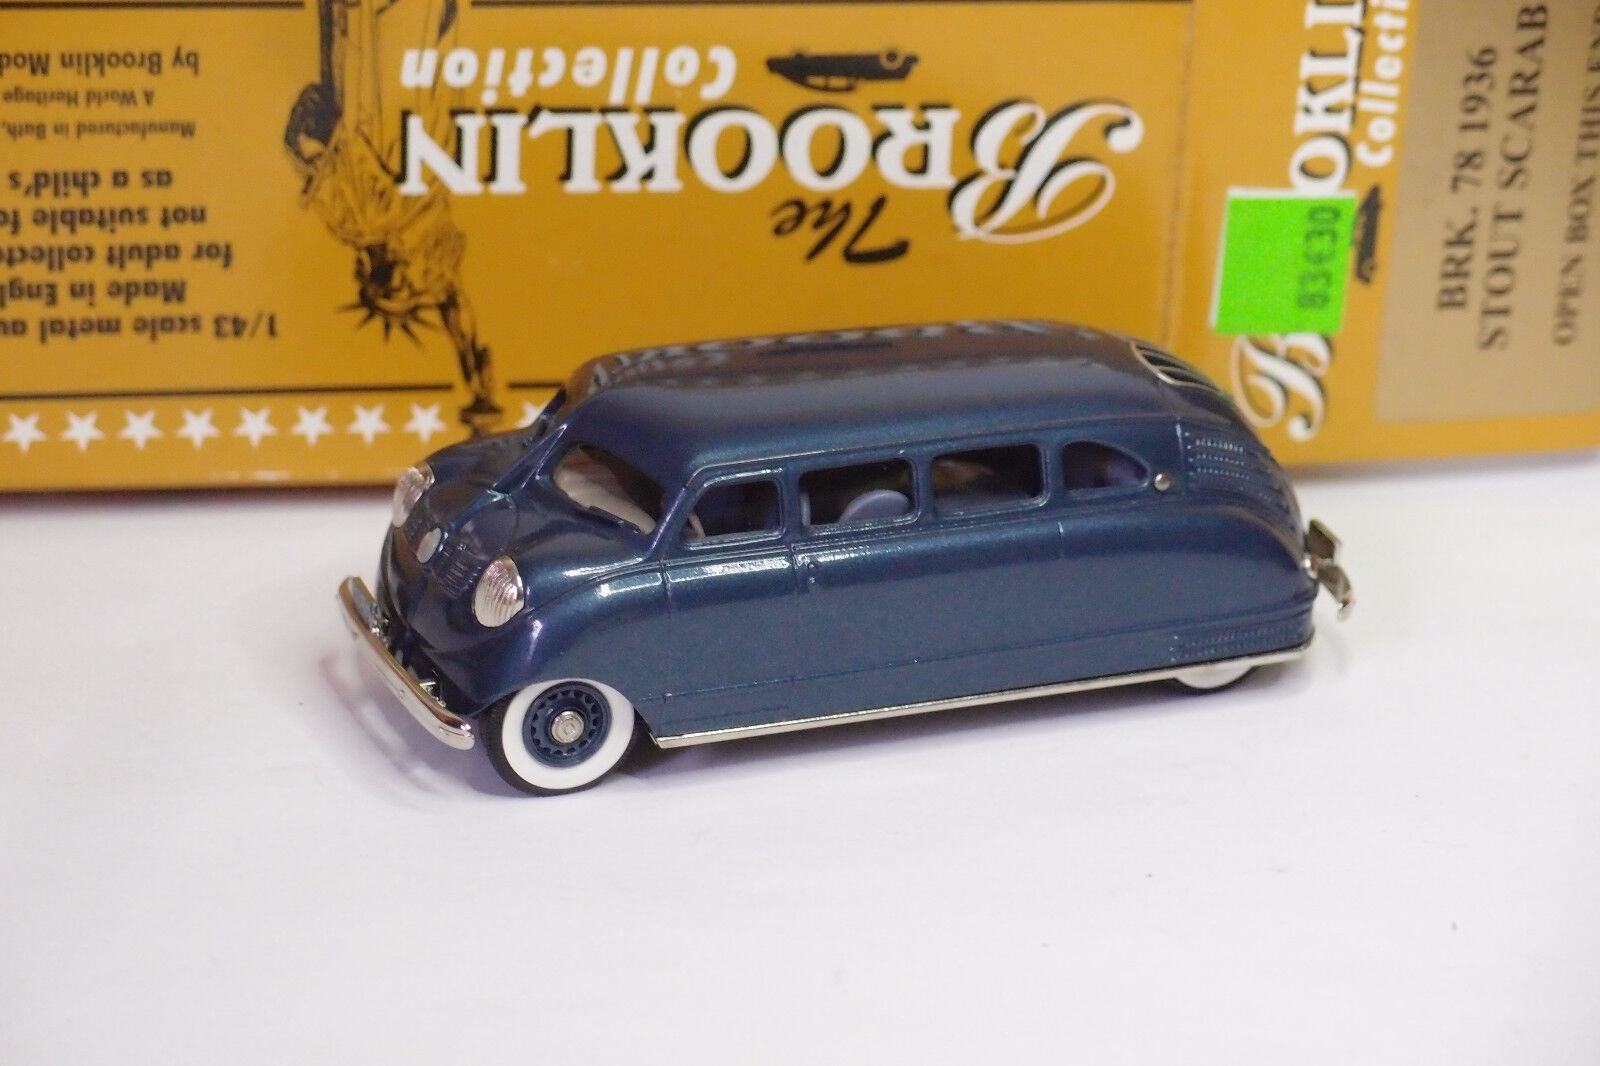 Un fou de Noël remporte une grande concurrence BROOKLIN BROOKLIN BROOKLIN BRK 78 1936 STOUT SCARAB 1/43 | Pratique Et économique  e87576